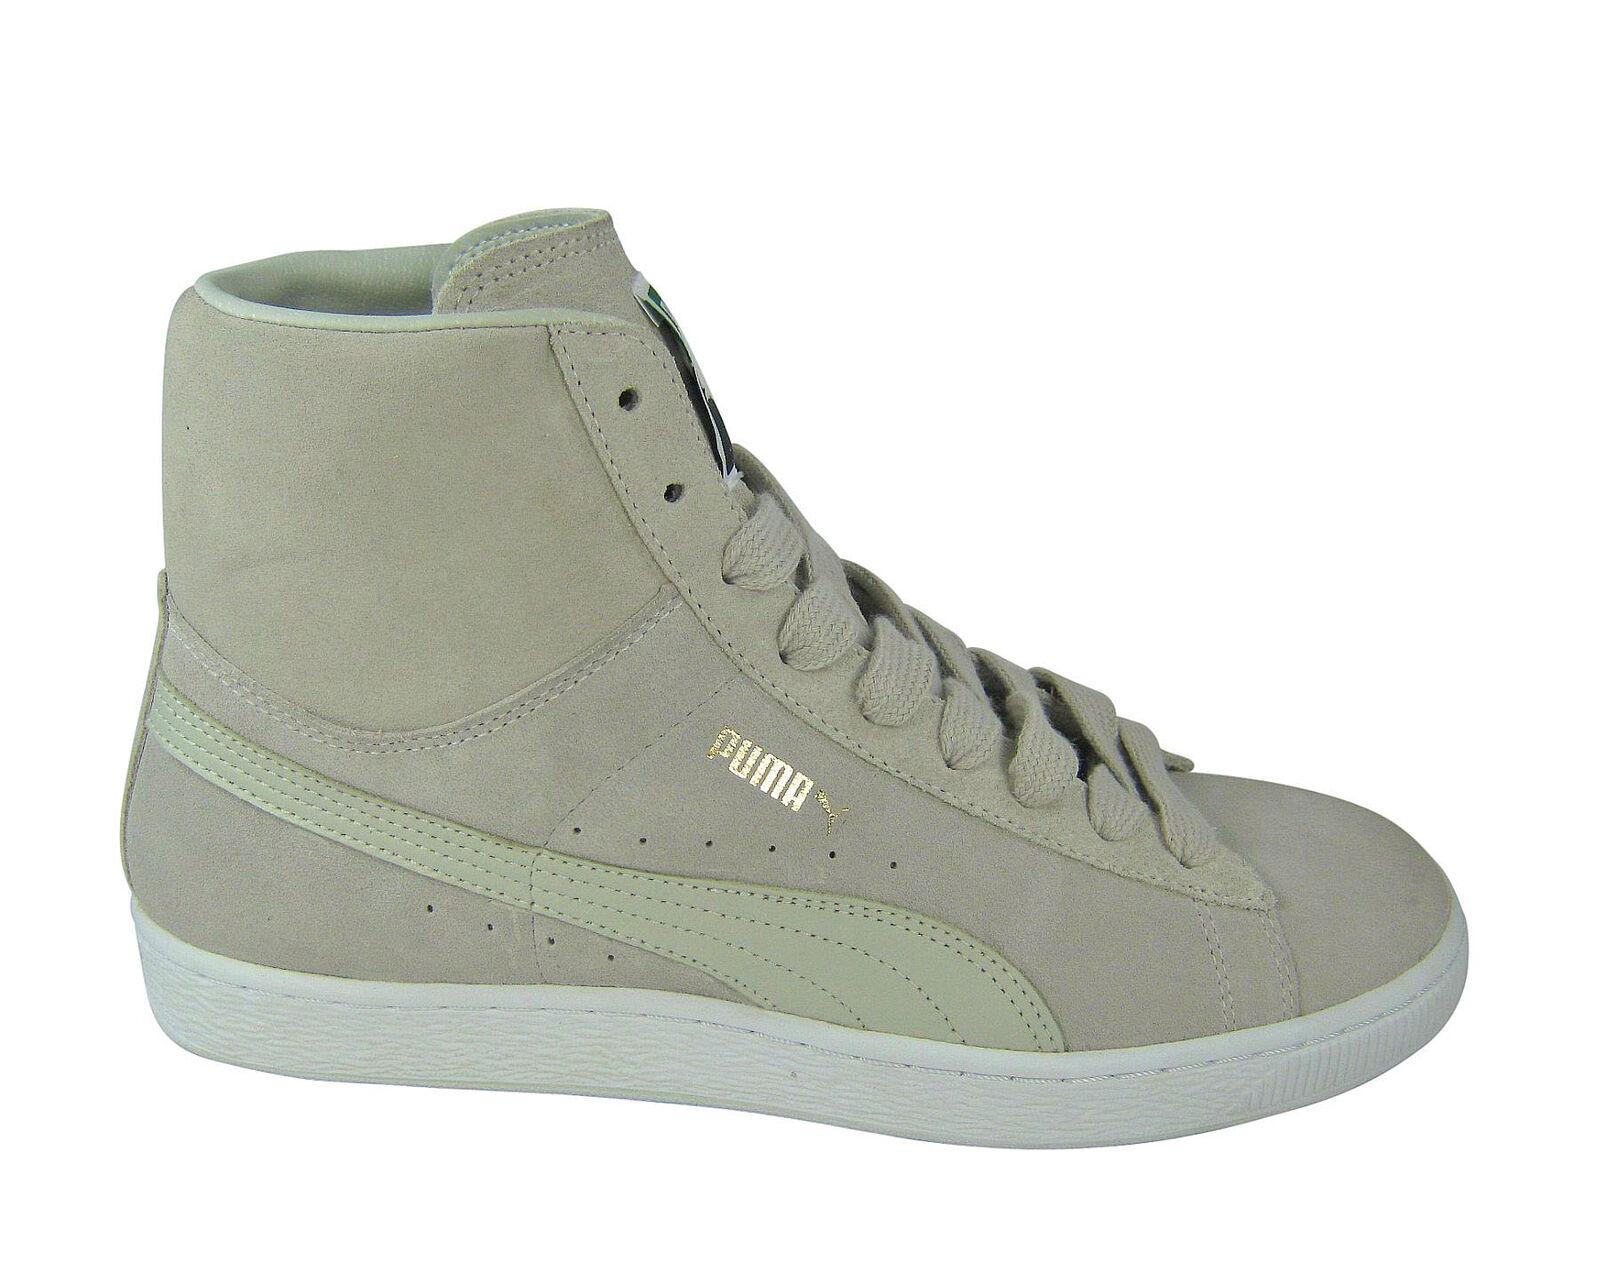 Puma Suede Mid Classics silver birch classic Schuhe/Sneaker